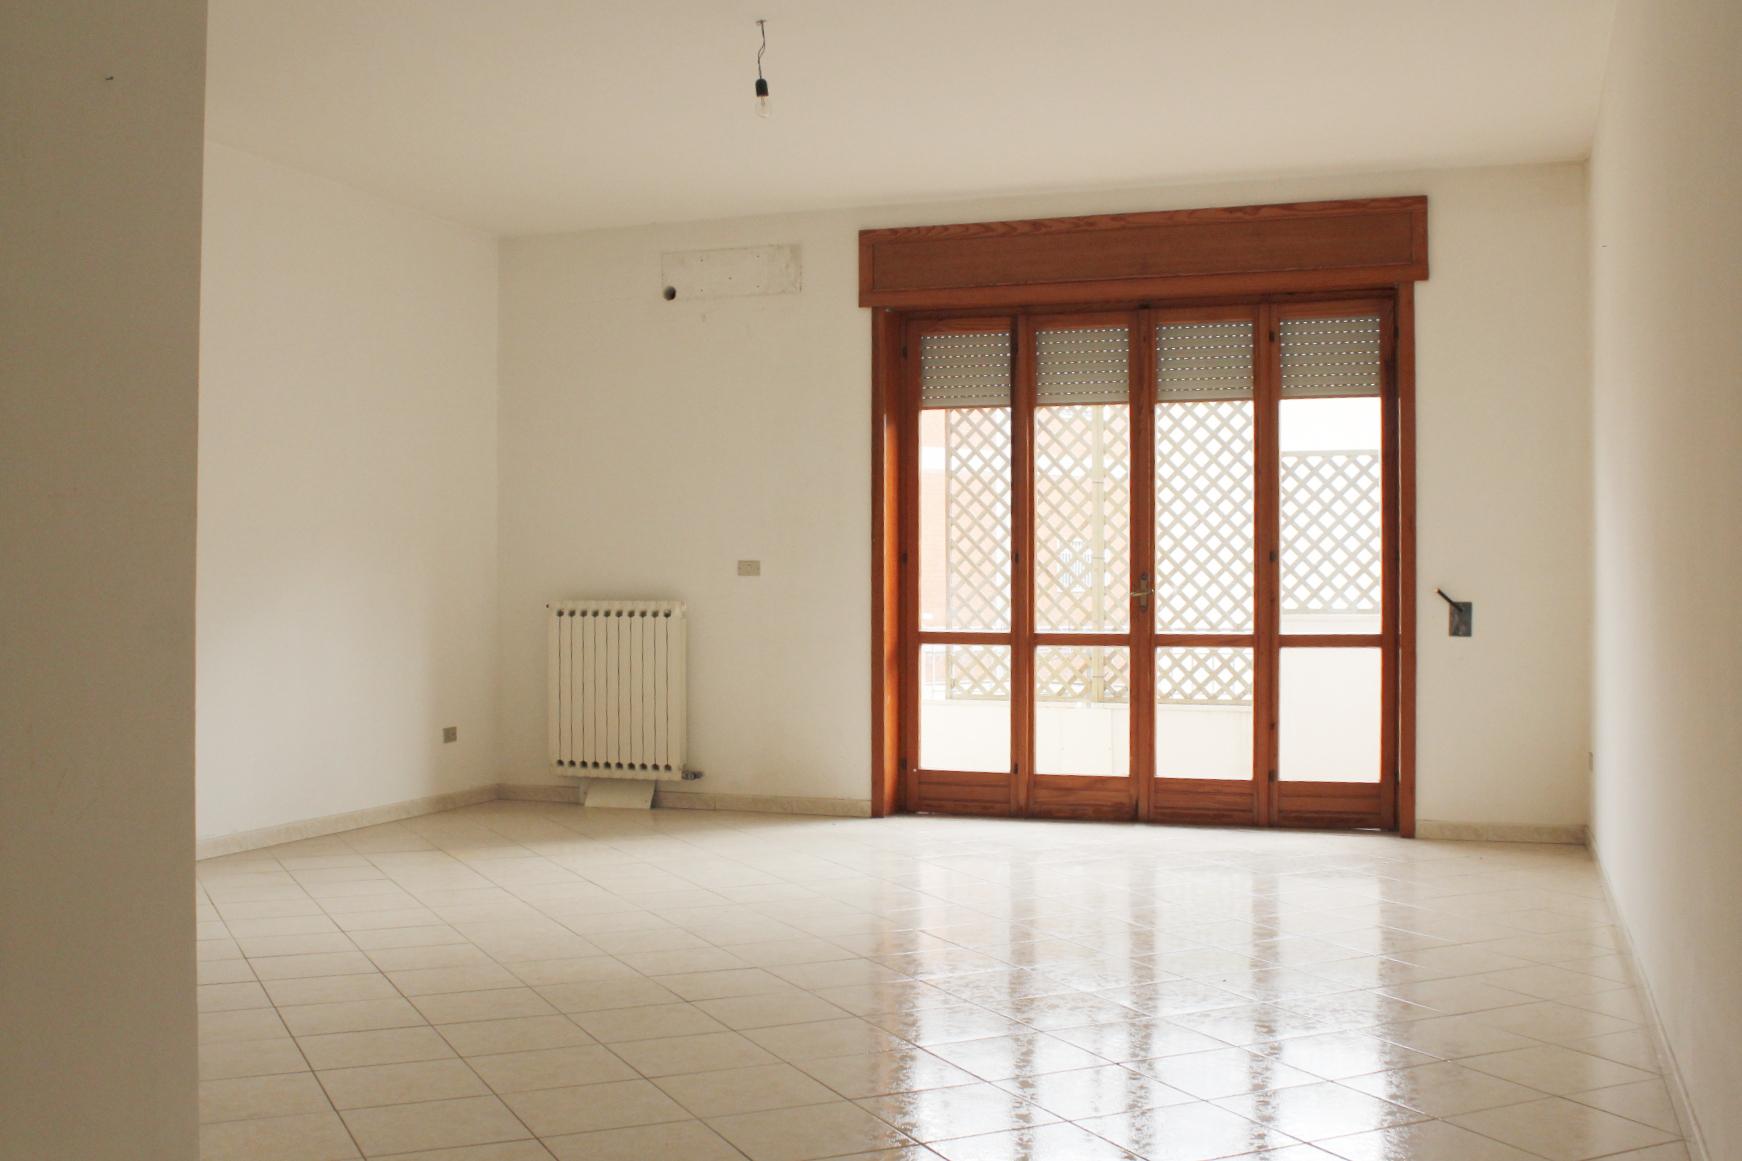 Appartamento in vendita a Maglie, 4 locali, prezzo € 79.000 | CambioCasa.it